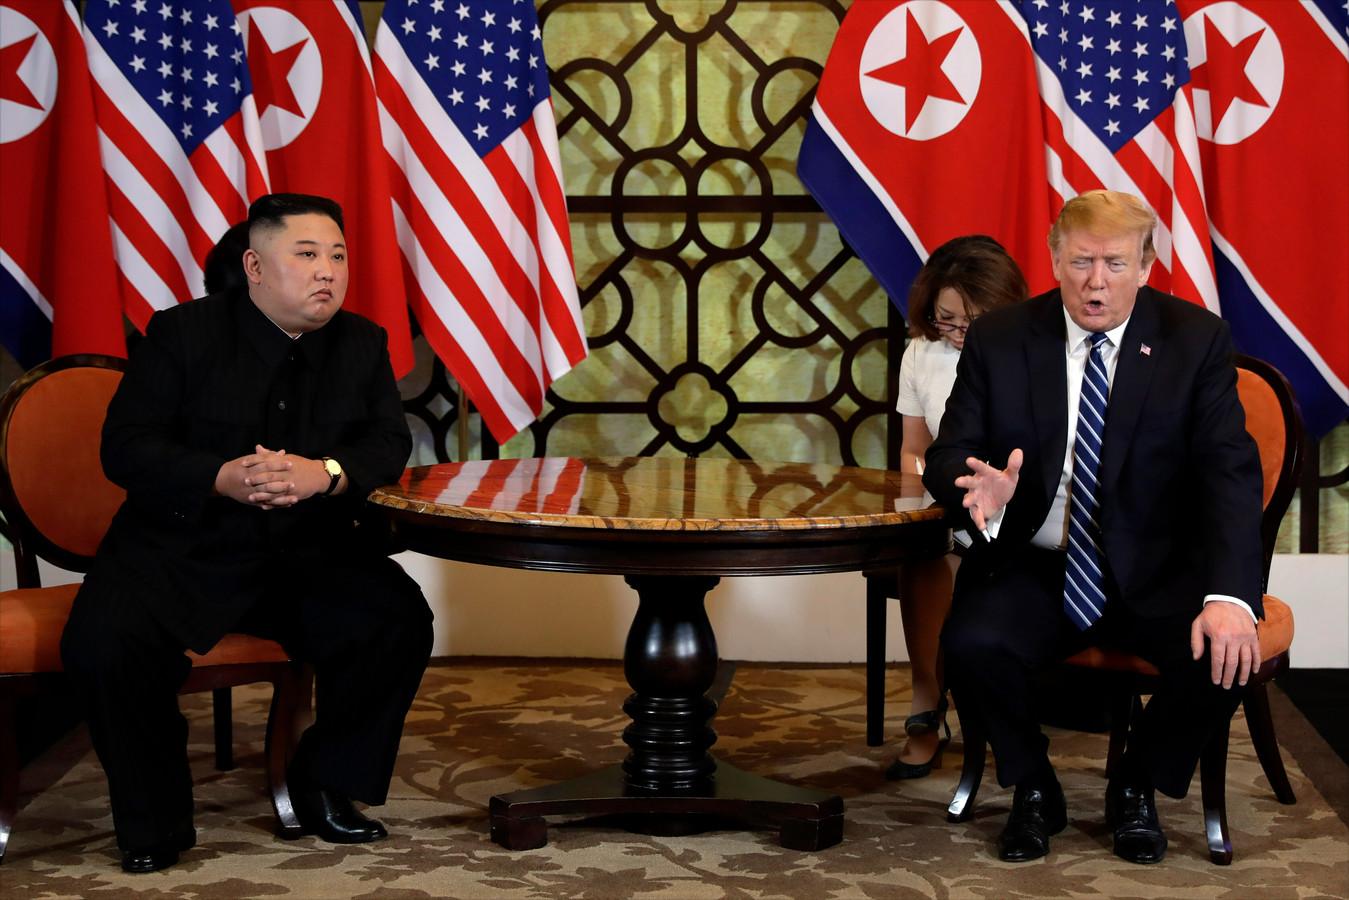 De Noord-Koreaanse leider Kim Jong-un en de Amerikaanse president Donald Trump tijdens hun recente ontmoeting in Hanoi, Vietnam.